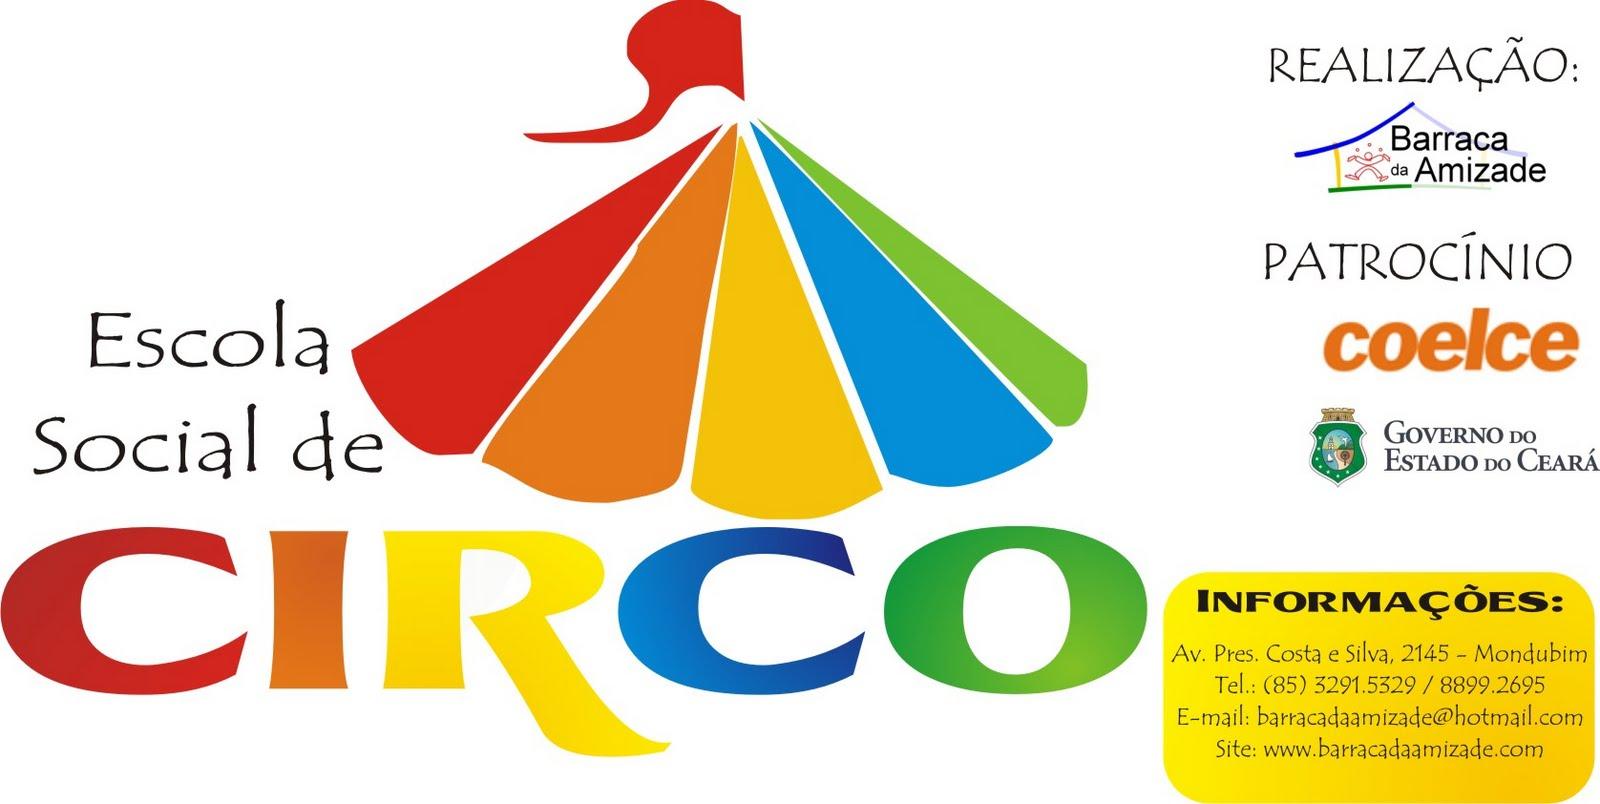 ESCOLA SOCIAL DE CIRCO - ABA